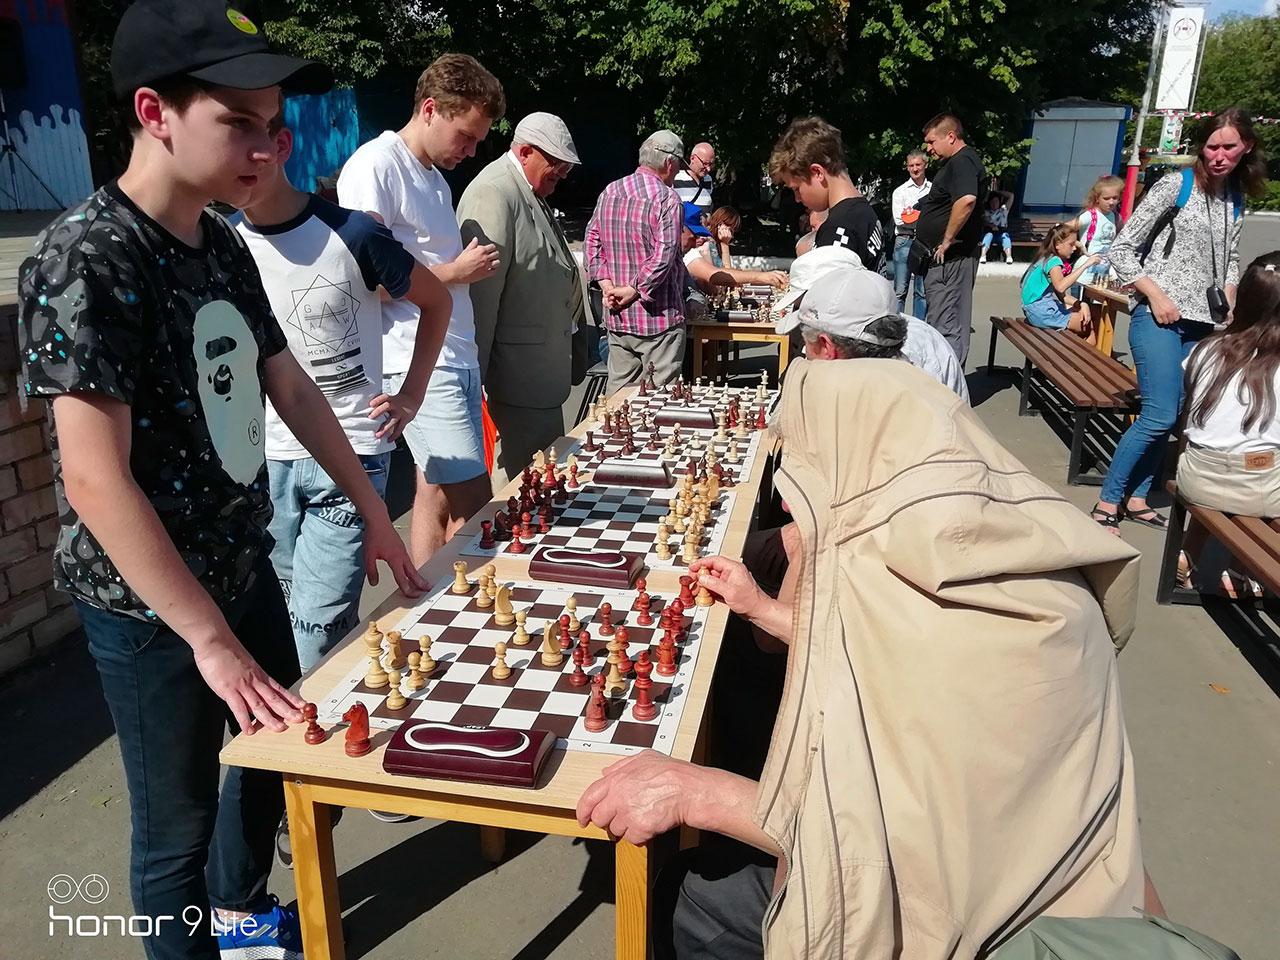 В Брянске прошел фестиваль по шахматам и шашкам